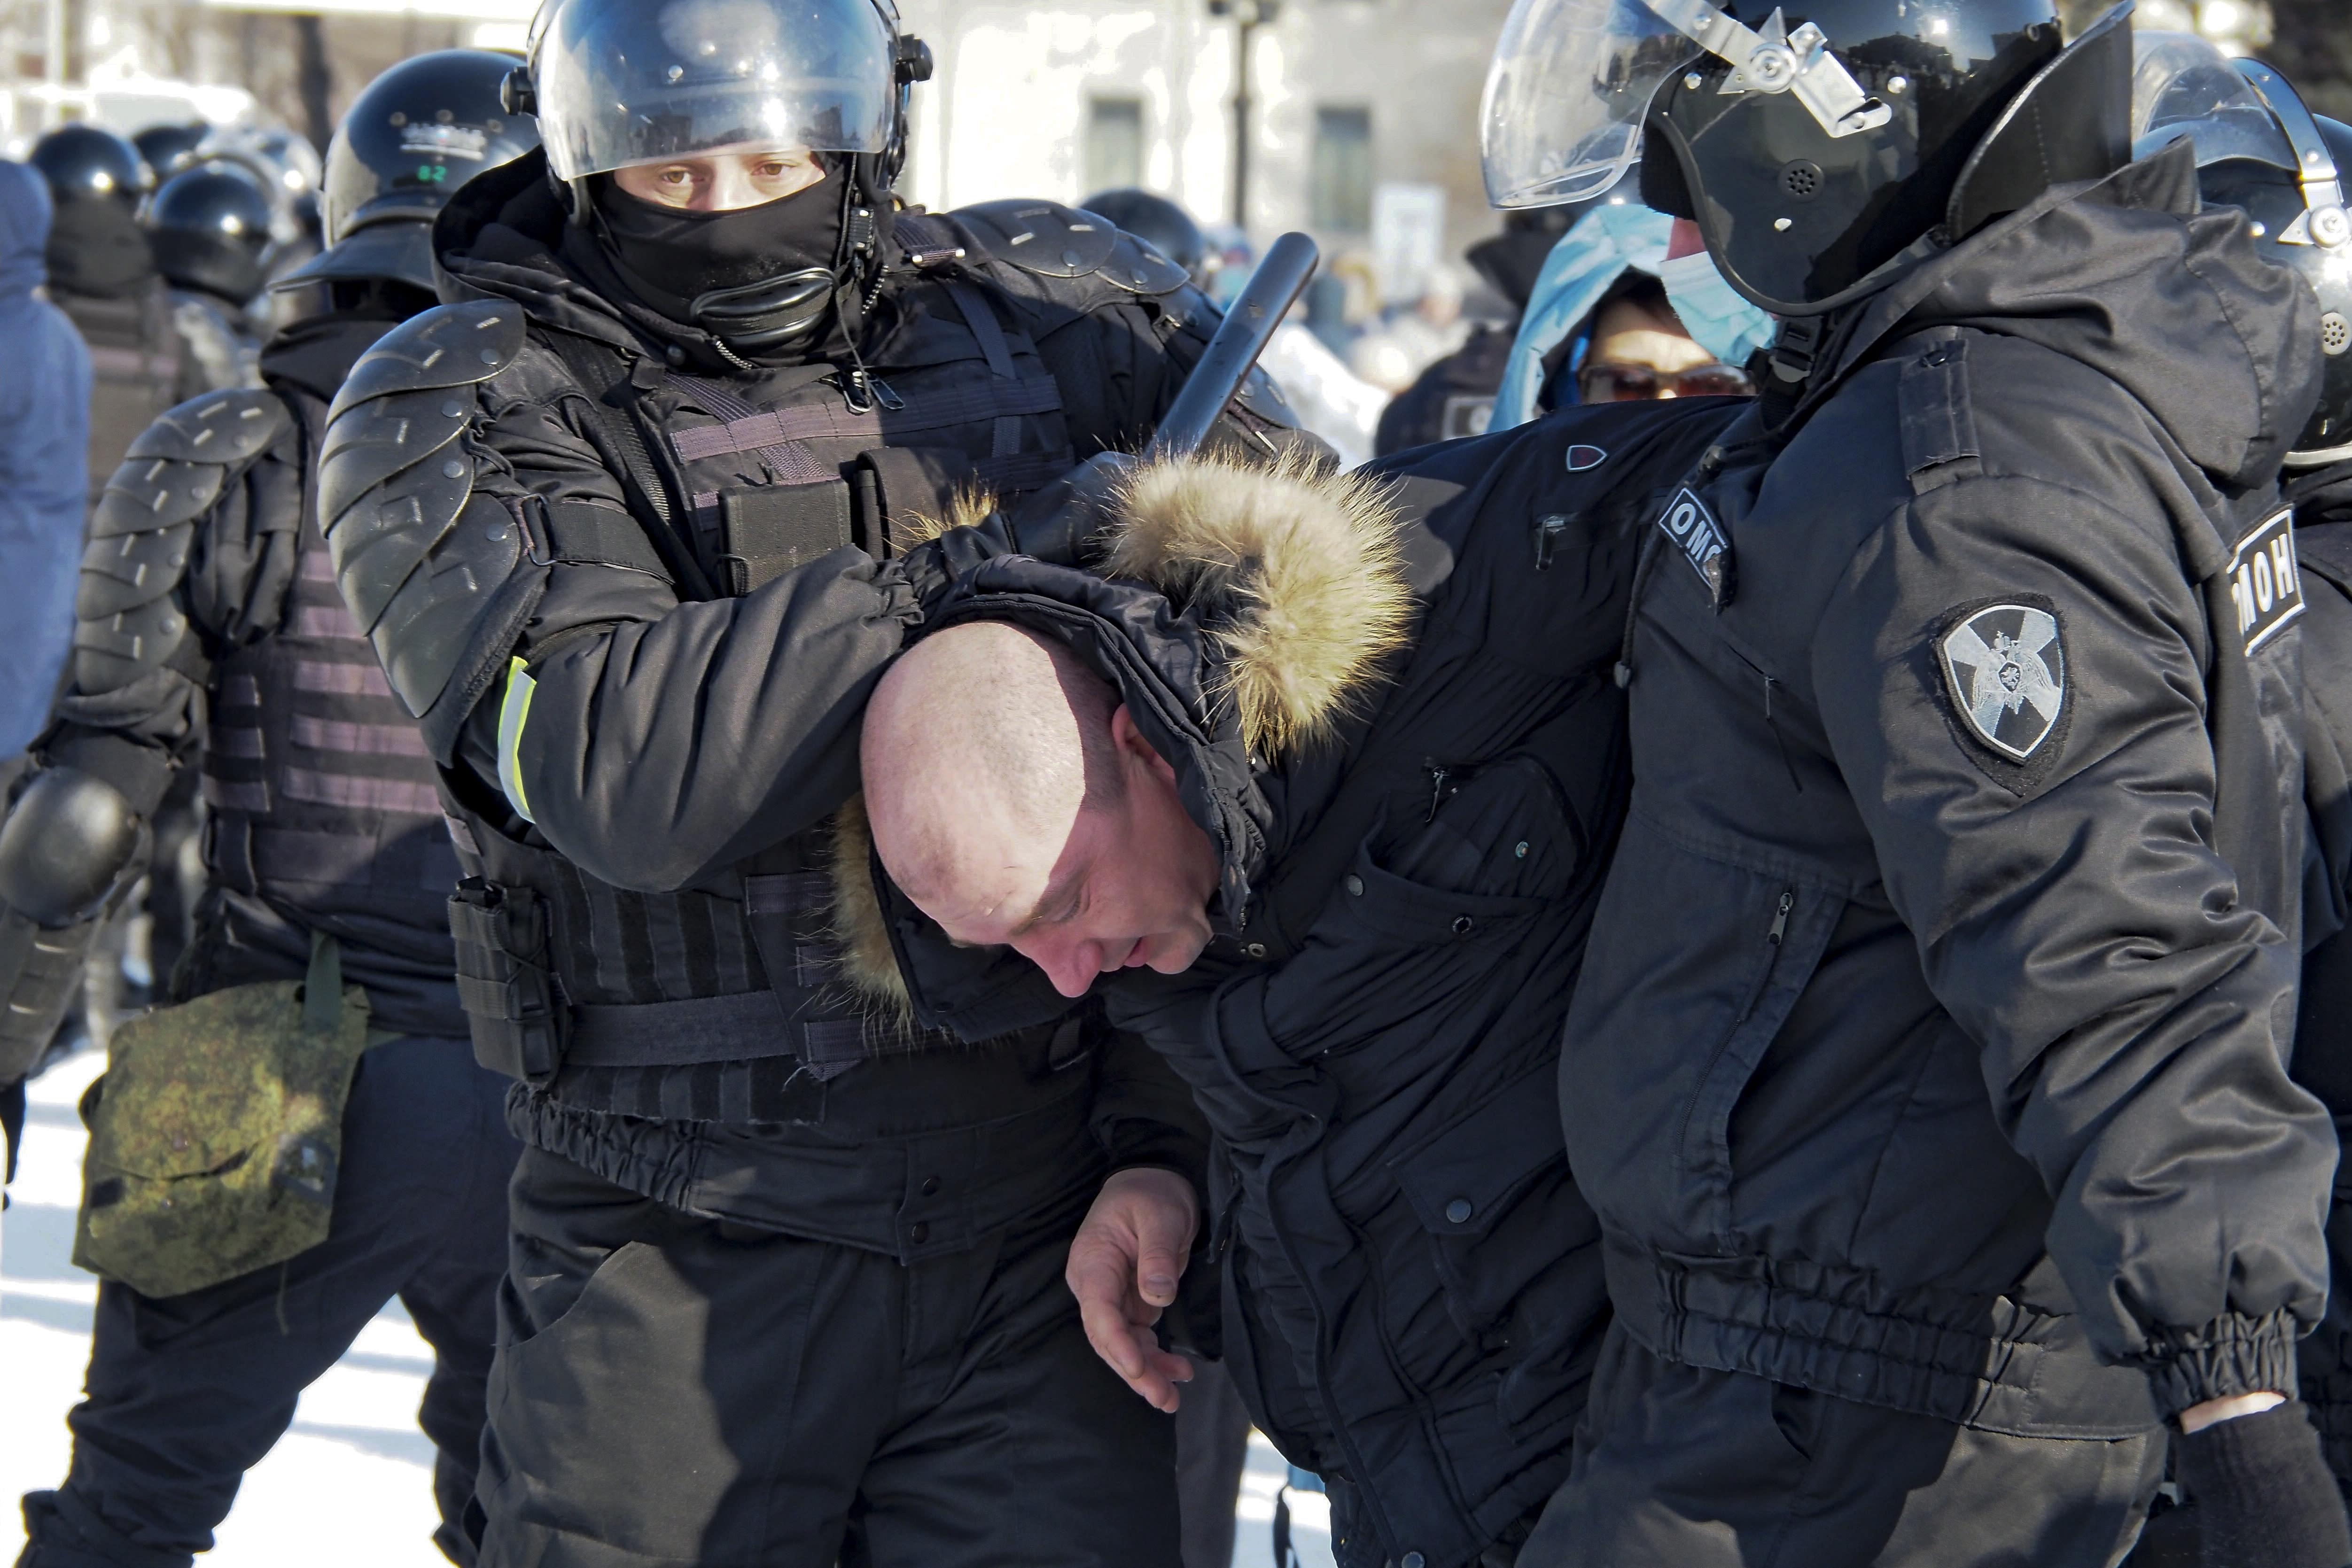 Russia arrests protesters demanding Alexei Navalny's release